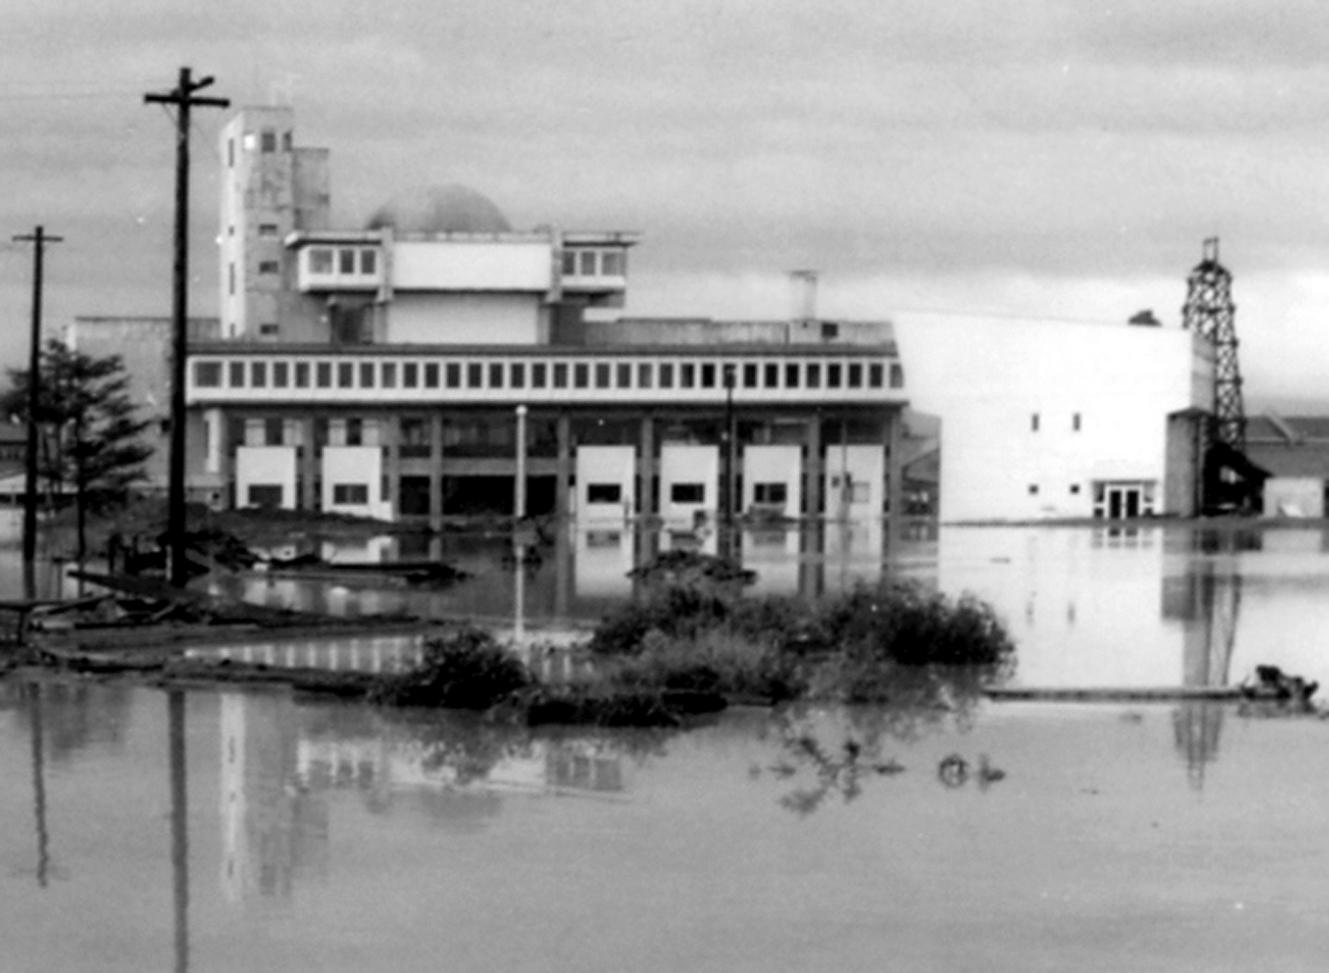 洪水に見舞われた青森市の中央市民センター(左)と勤労青少年ホーム(右)=昭和44年8月、阿部秀正氏撮影